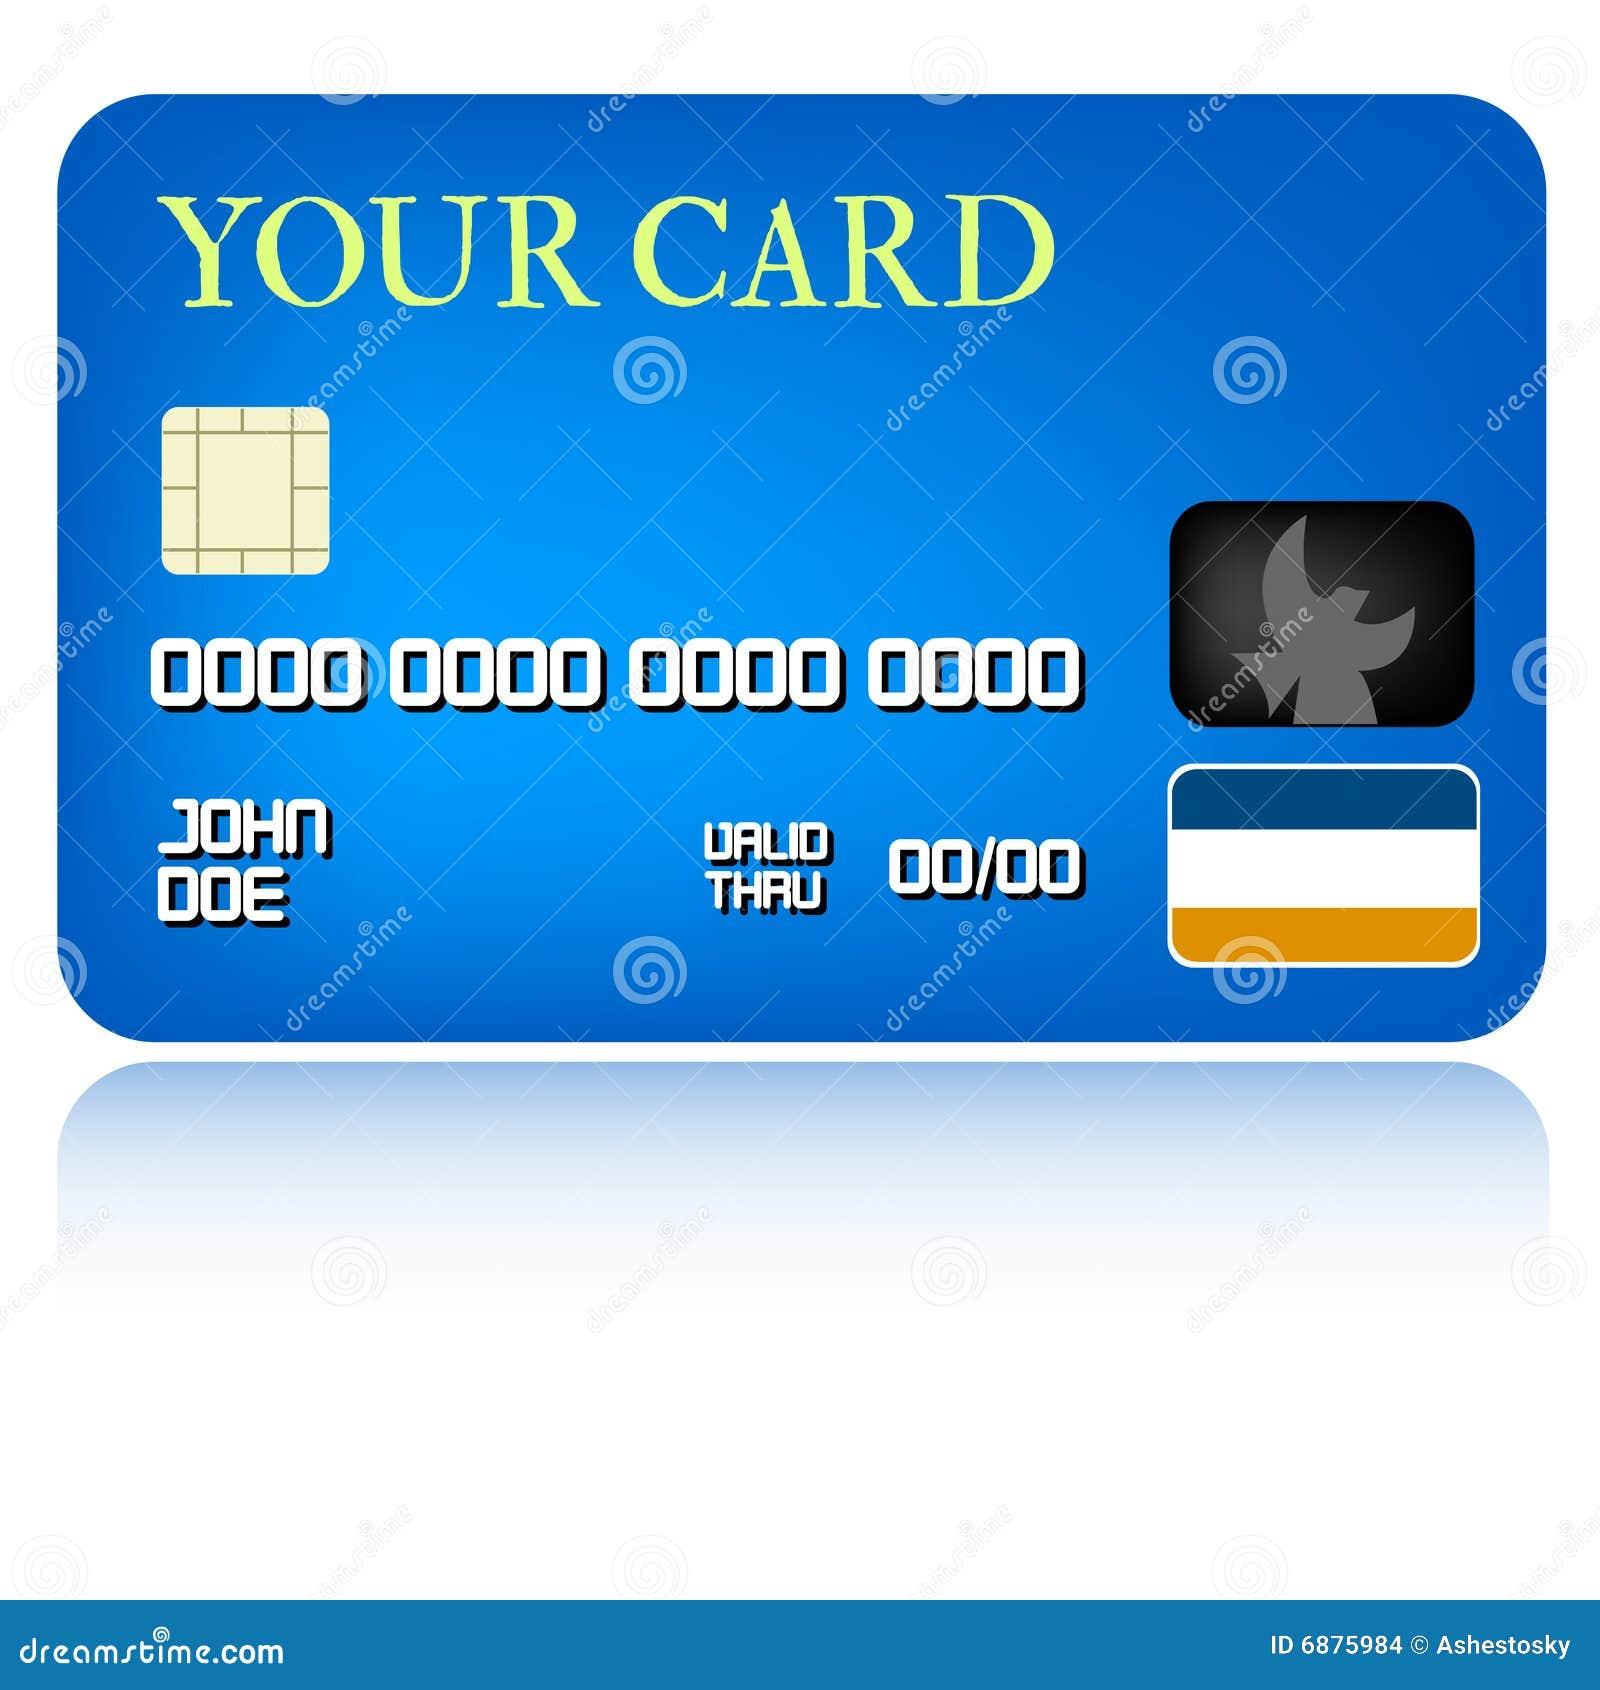 Illustrazione della carta di credito illustrazione for Carta di credito per minorenni